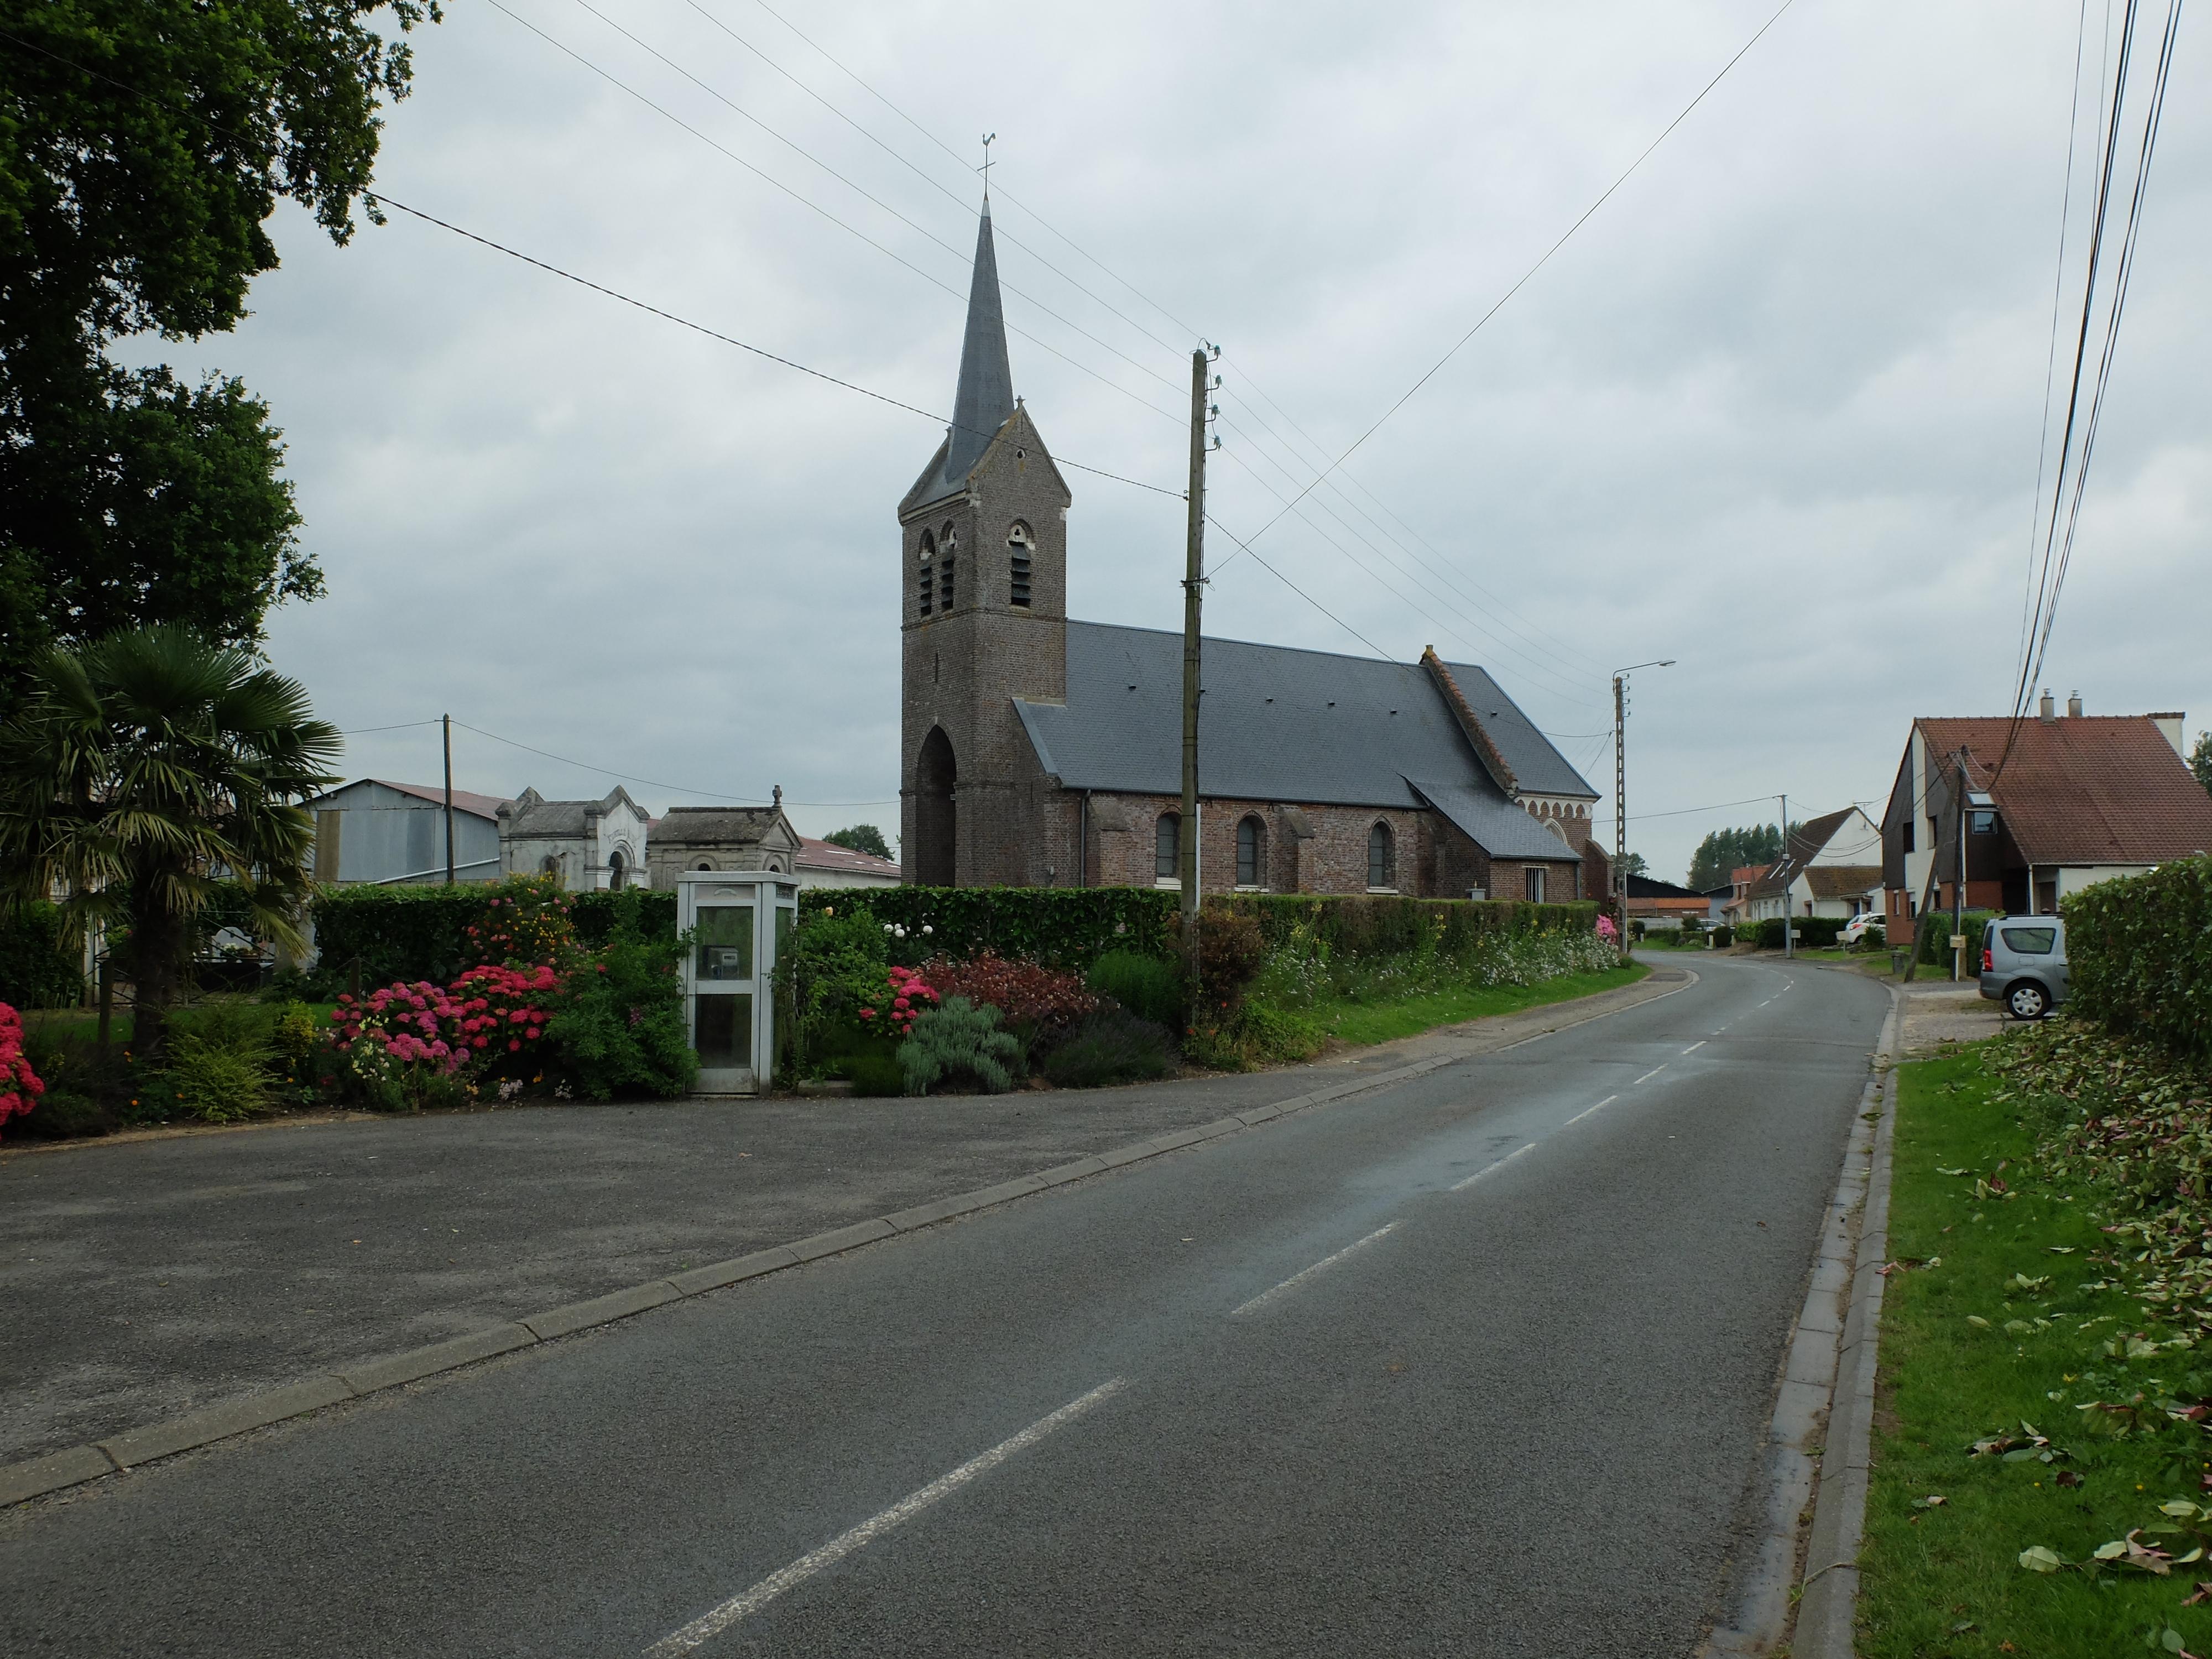 Brévillers (Pas-de-Calais)